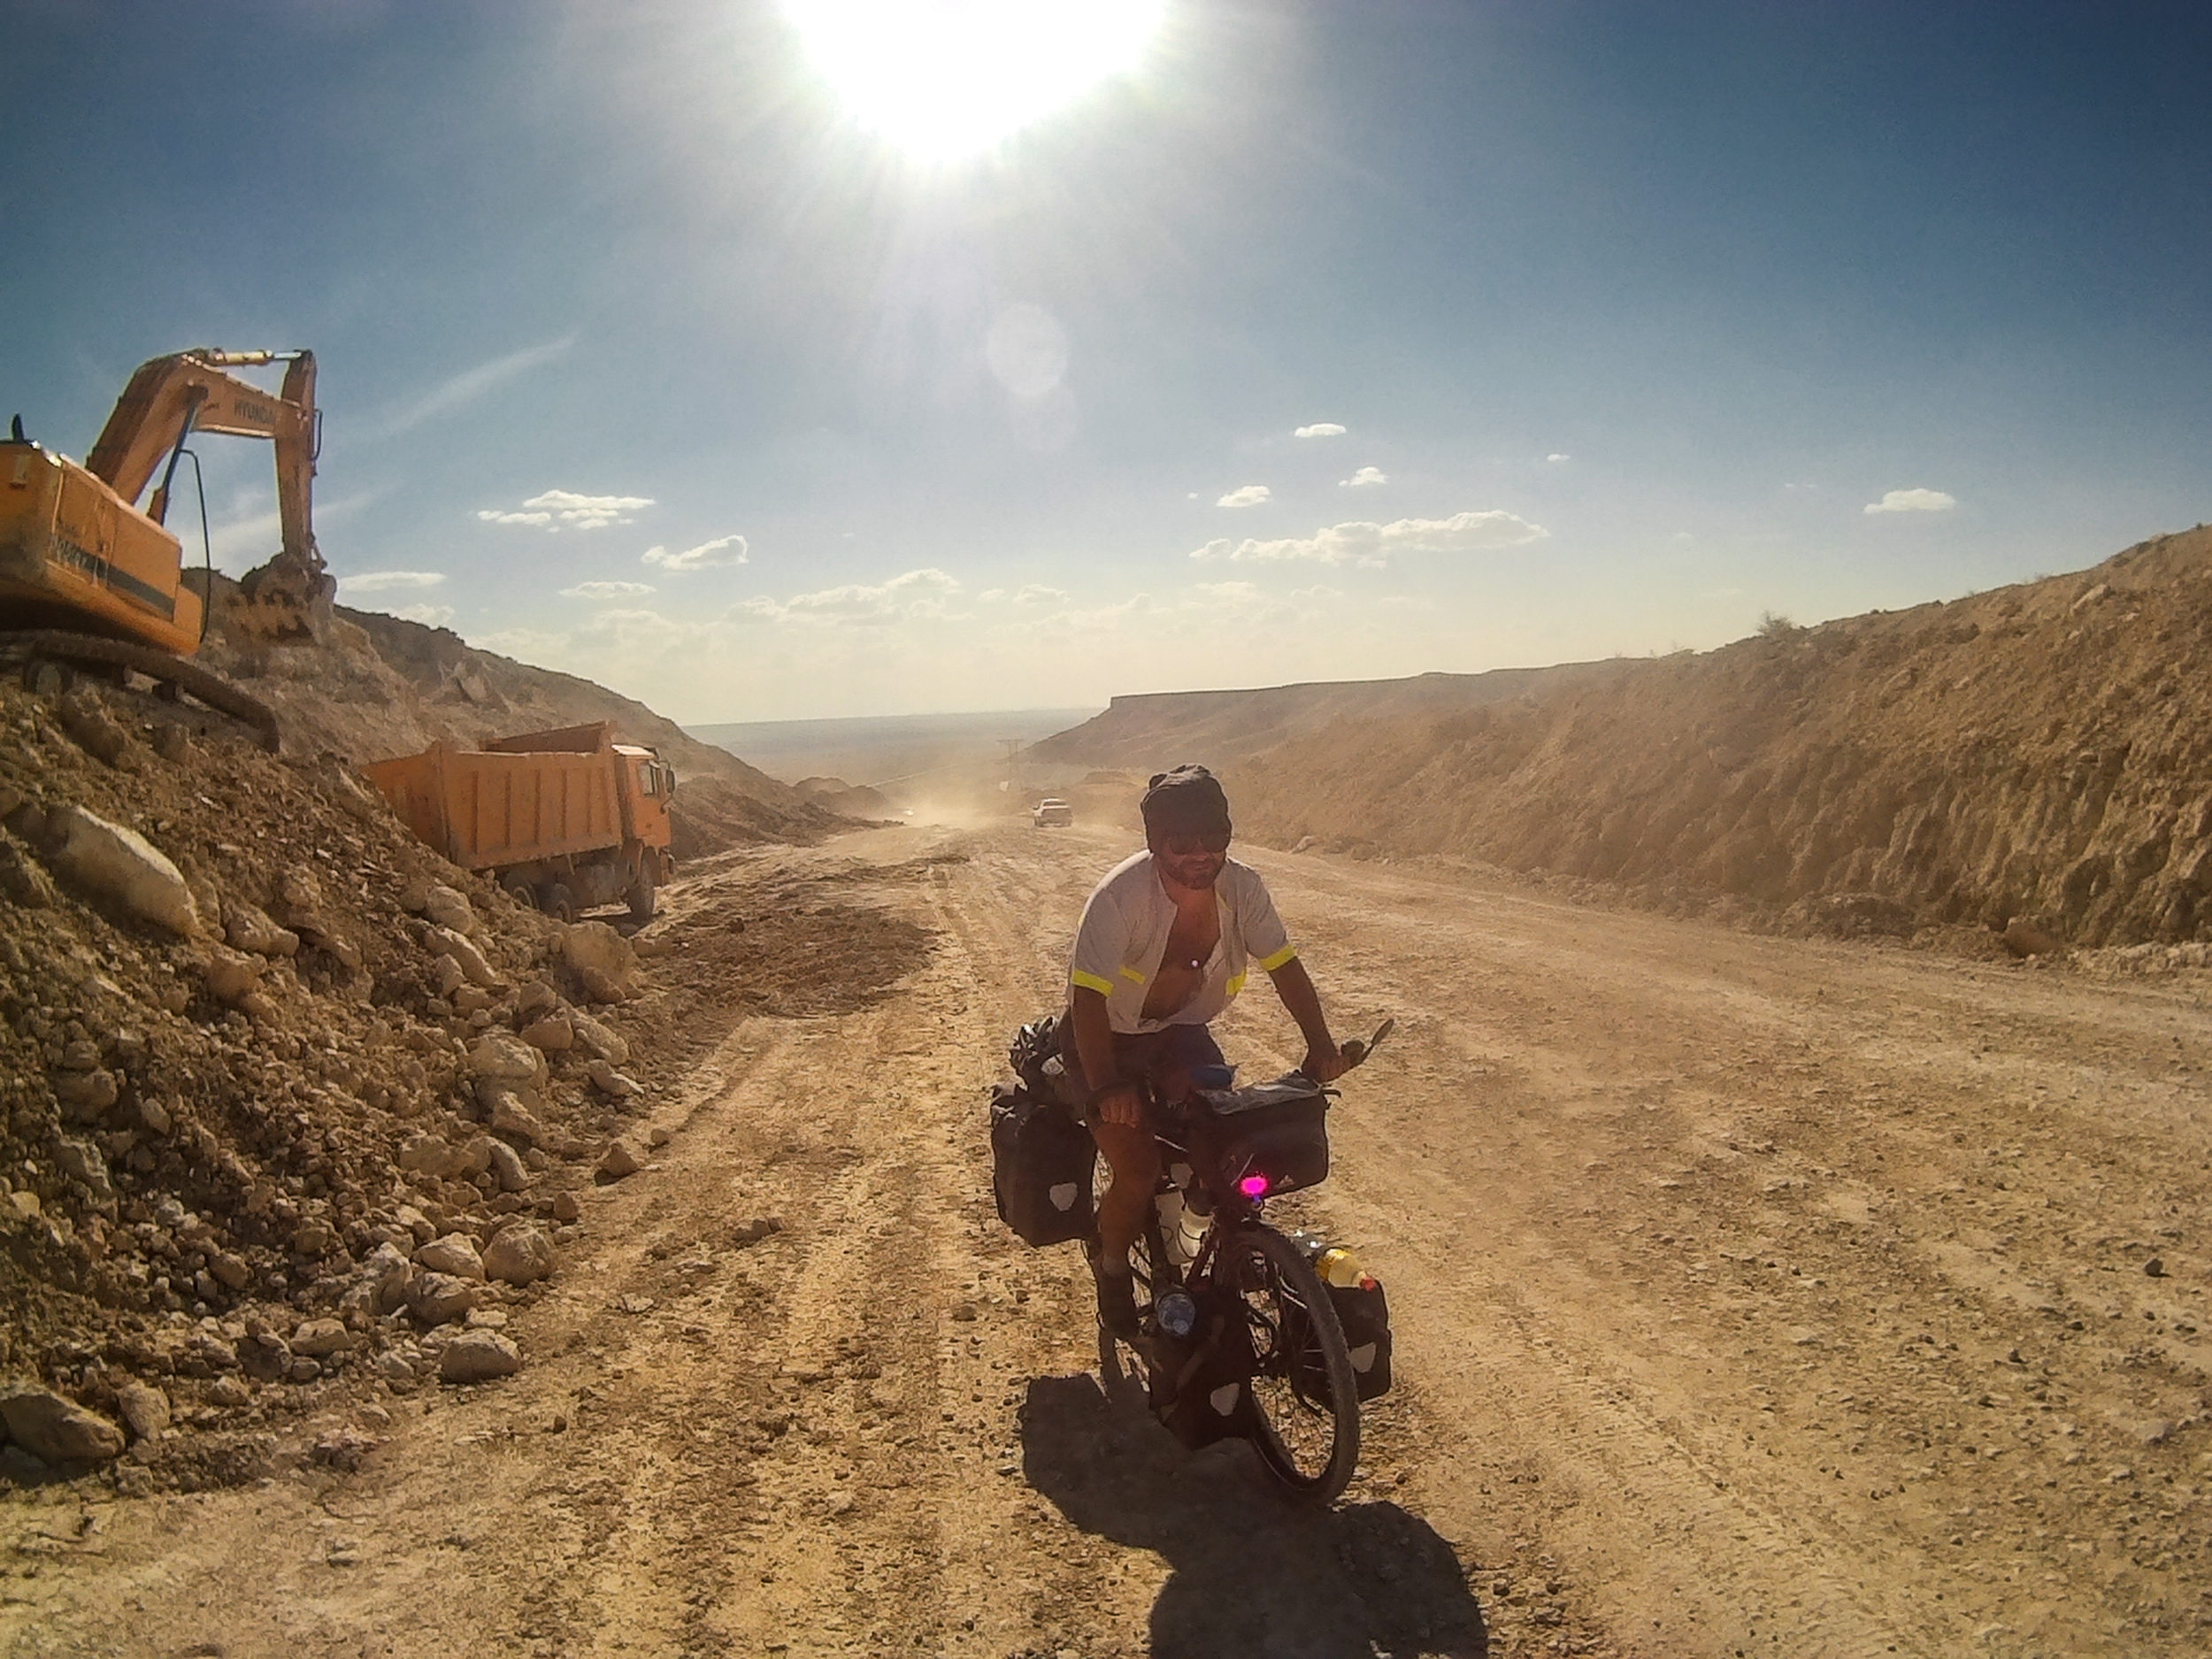 Sous le soleil, la poussière et la construction.